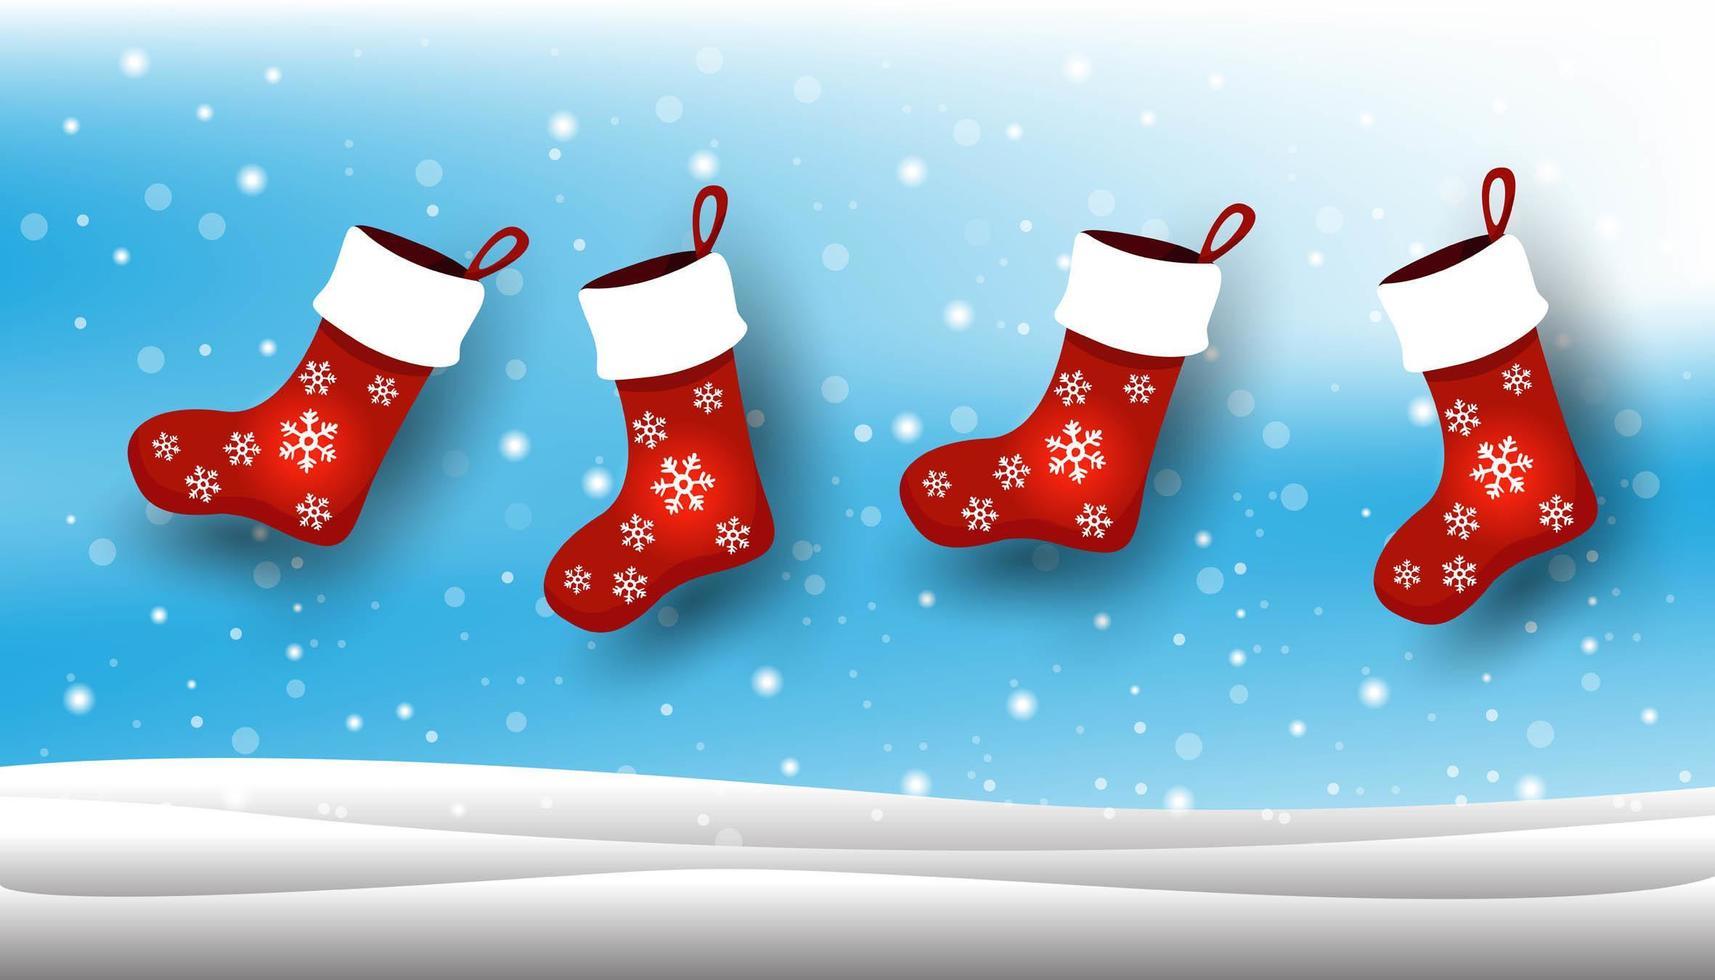 Foto Con La Neve Di Natale.Calza Di Natale Sfondo Con La Neve Di Natale 1631284 Scarica Immagini Vettoriali Gratis Grafica Vettoriale E Disegno Modelli